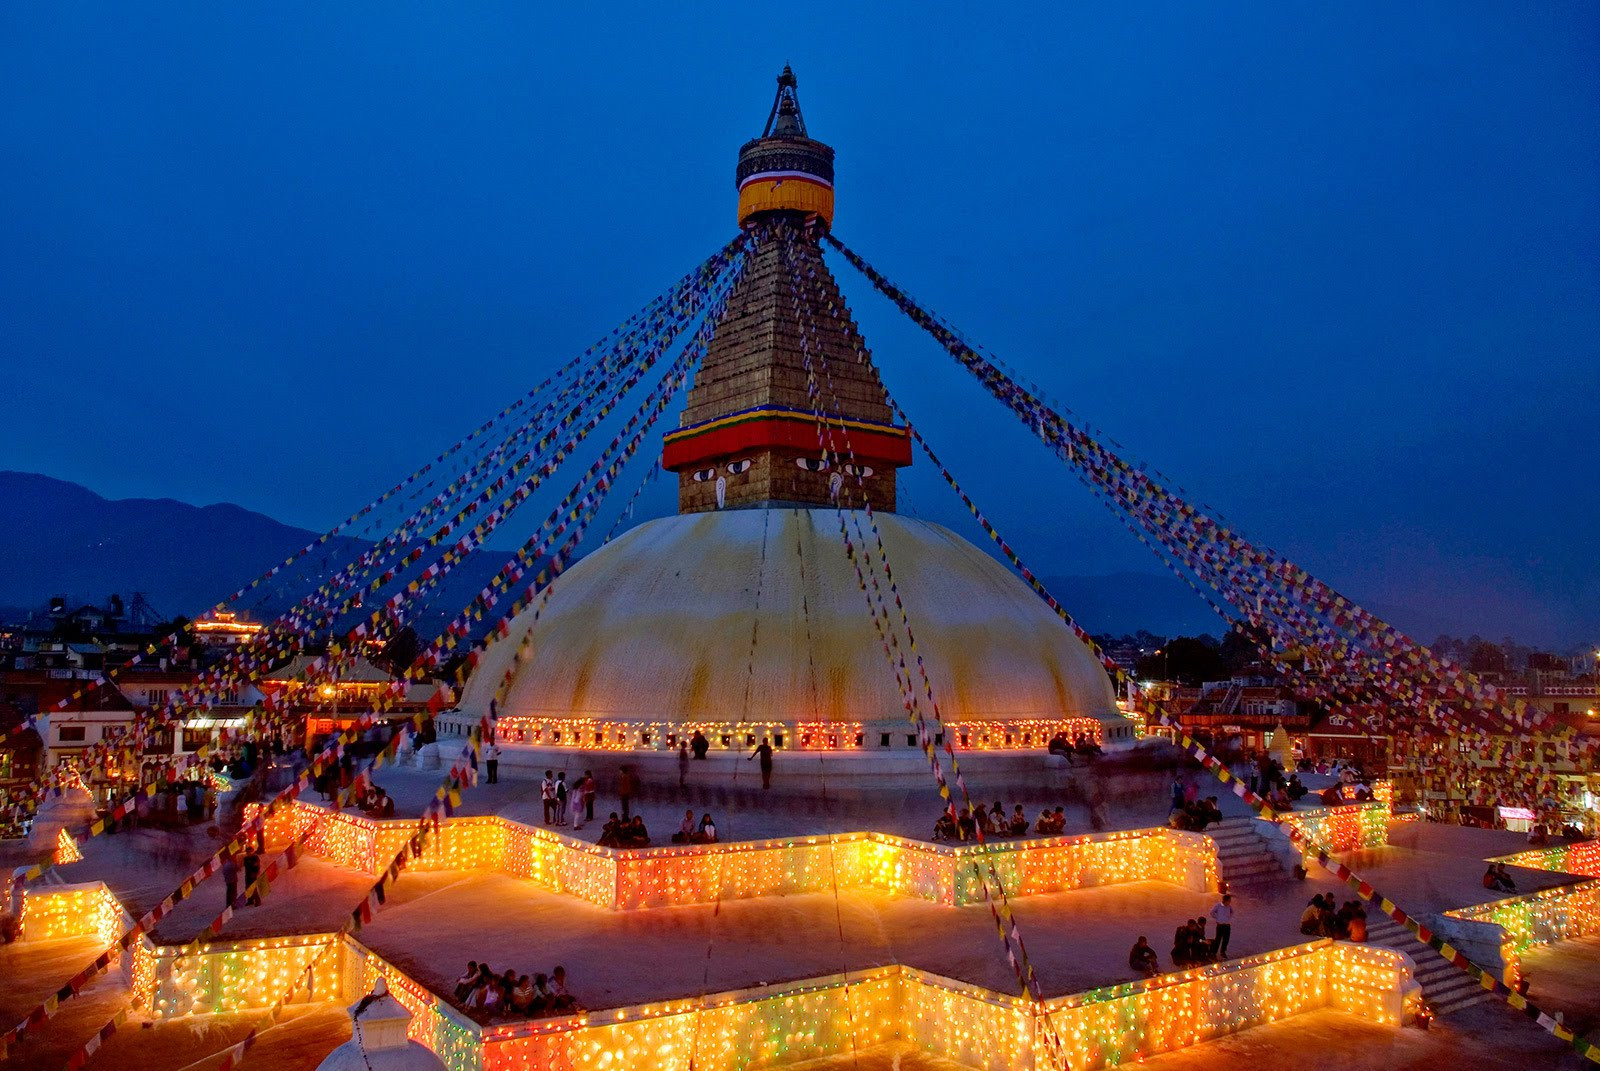 Architecture of Boudhanath stupa in kathmandu